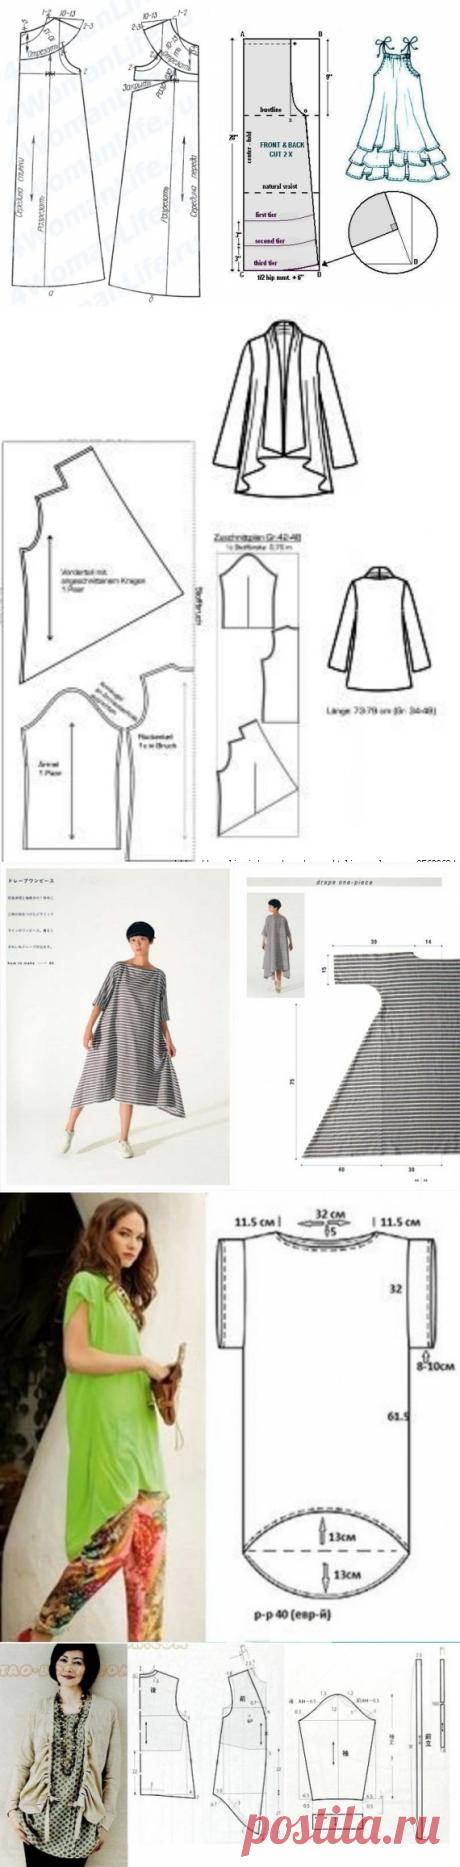 Boho el estilo por las manos para completo: los patrones de la falda, los vestidos, los sarafanes, la túnica, los pantalones, la blusa, kardigana